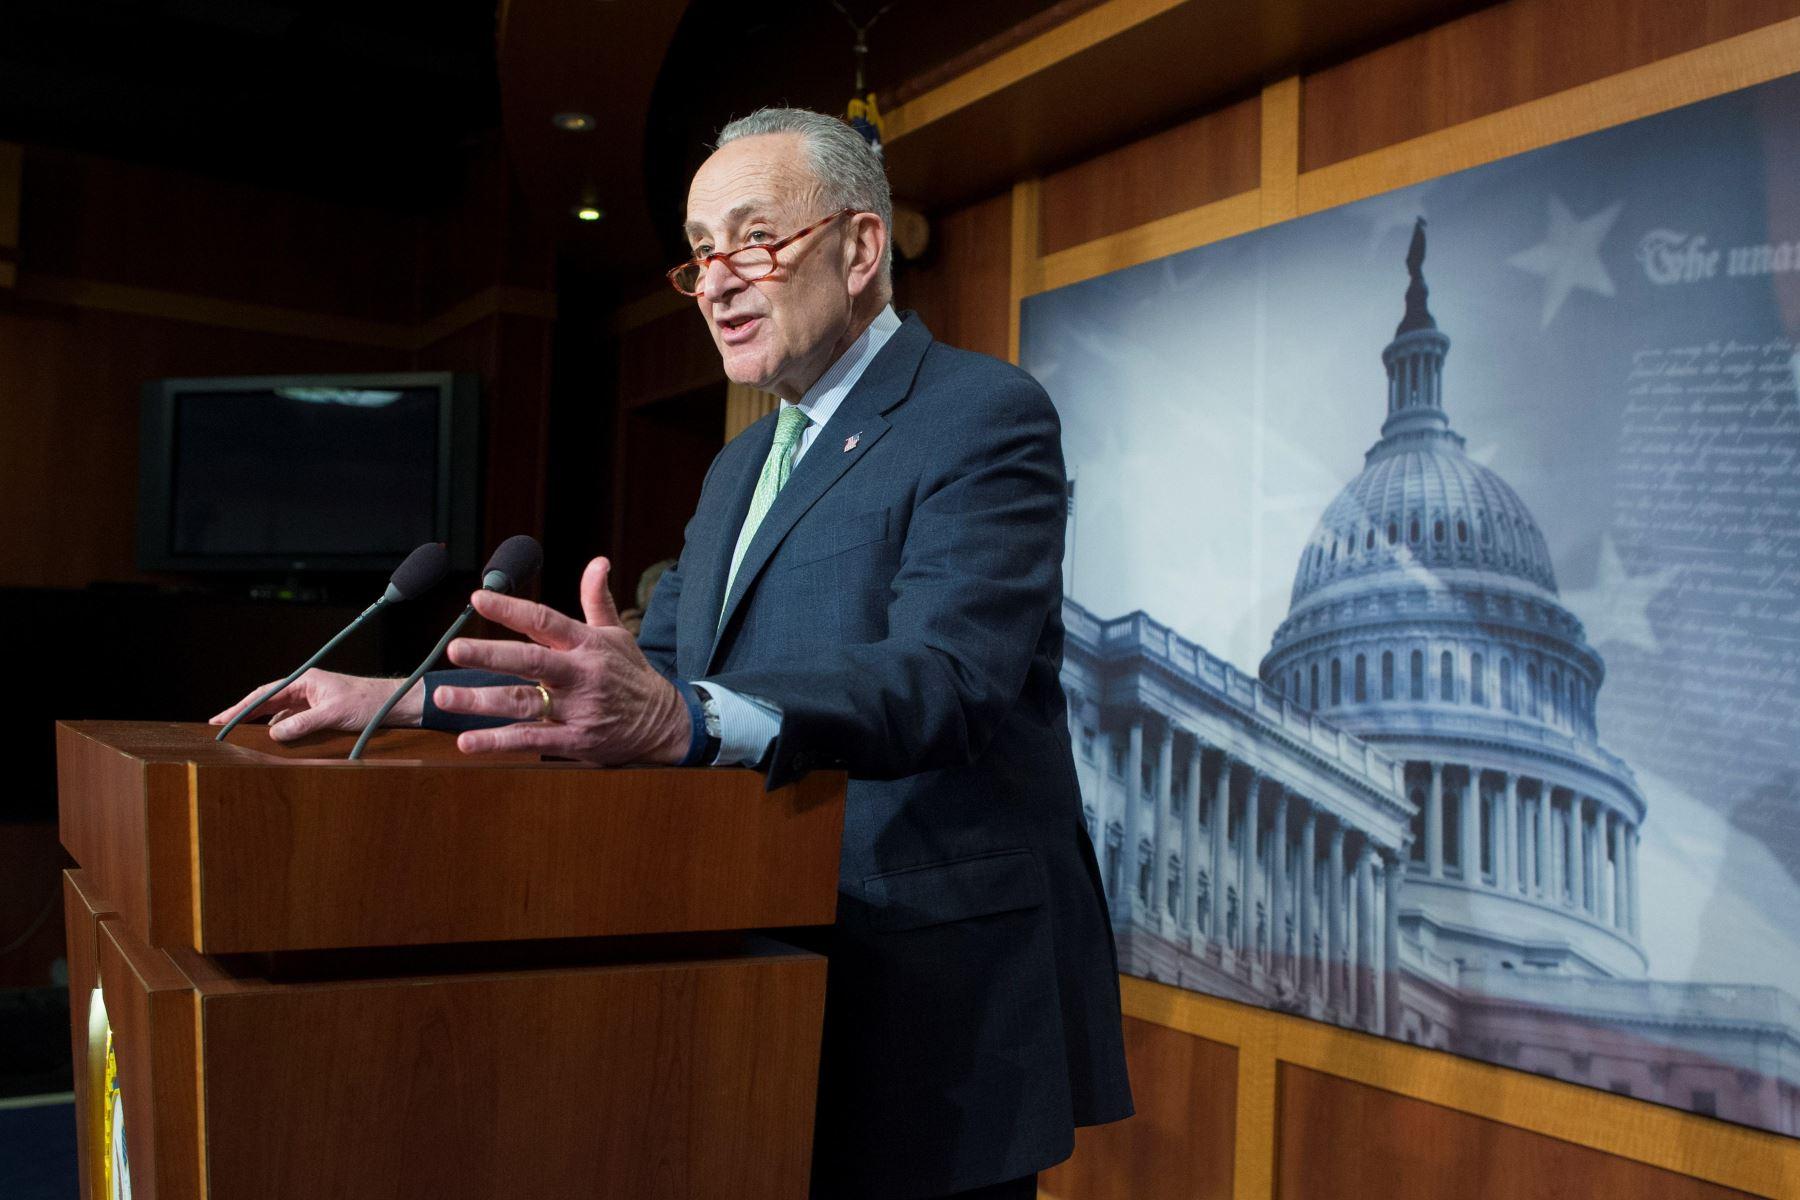 El líder de la Minoría del Senado, el demócrata Chuck Schumer, habla en rueda de prensa  después de que el senado votara en contra de la emergencia nacional decretara por el presidente estadounidense, Donald Trump. Foto: EFE